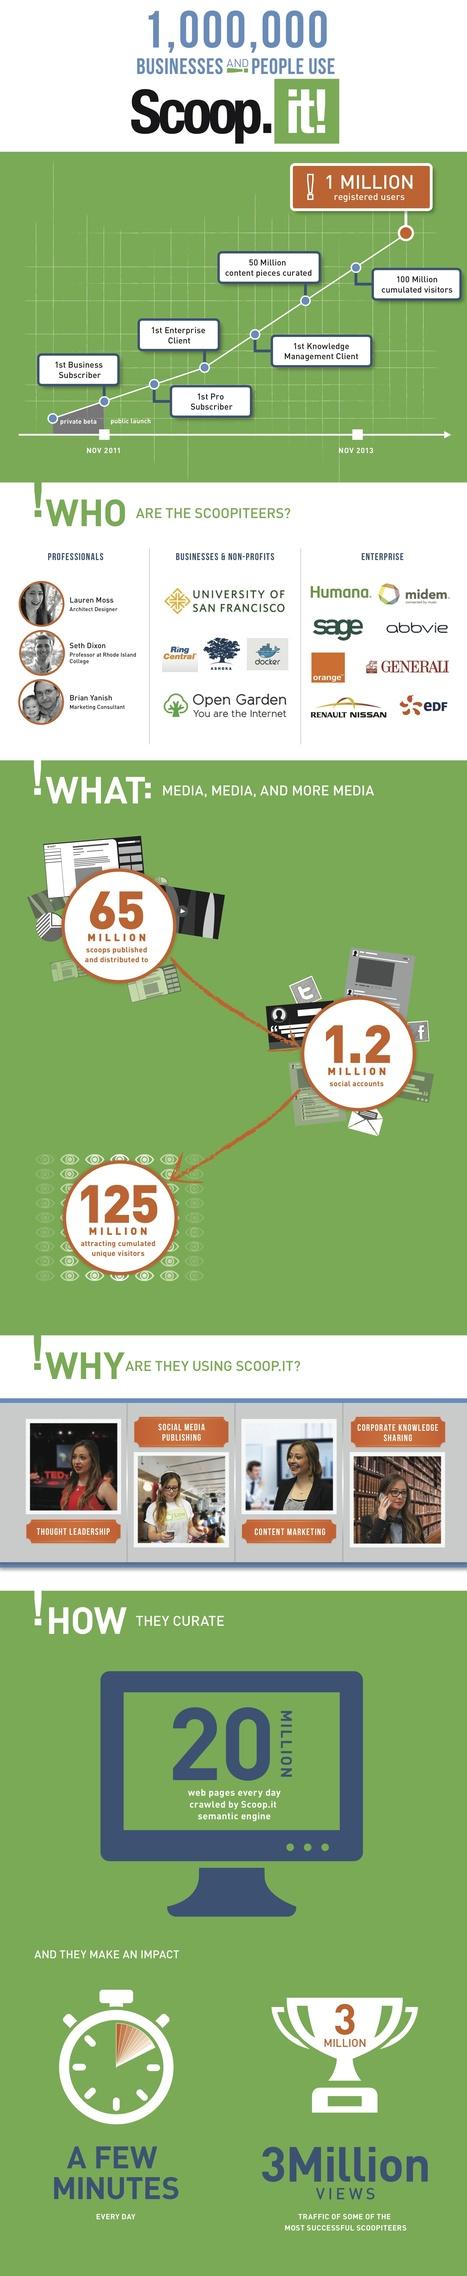 El primer millón de usuarios de Scoop.it #infografia #infographic #socialmedia | Seo, Social Media Marketing | Scoop.it